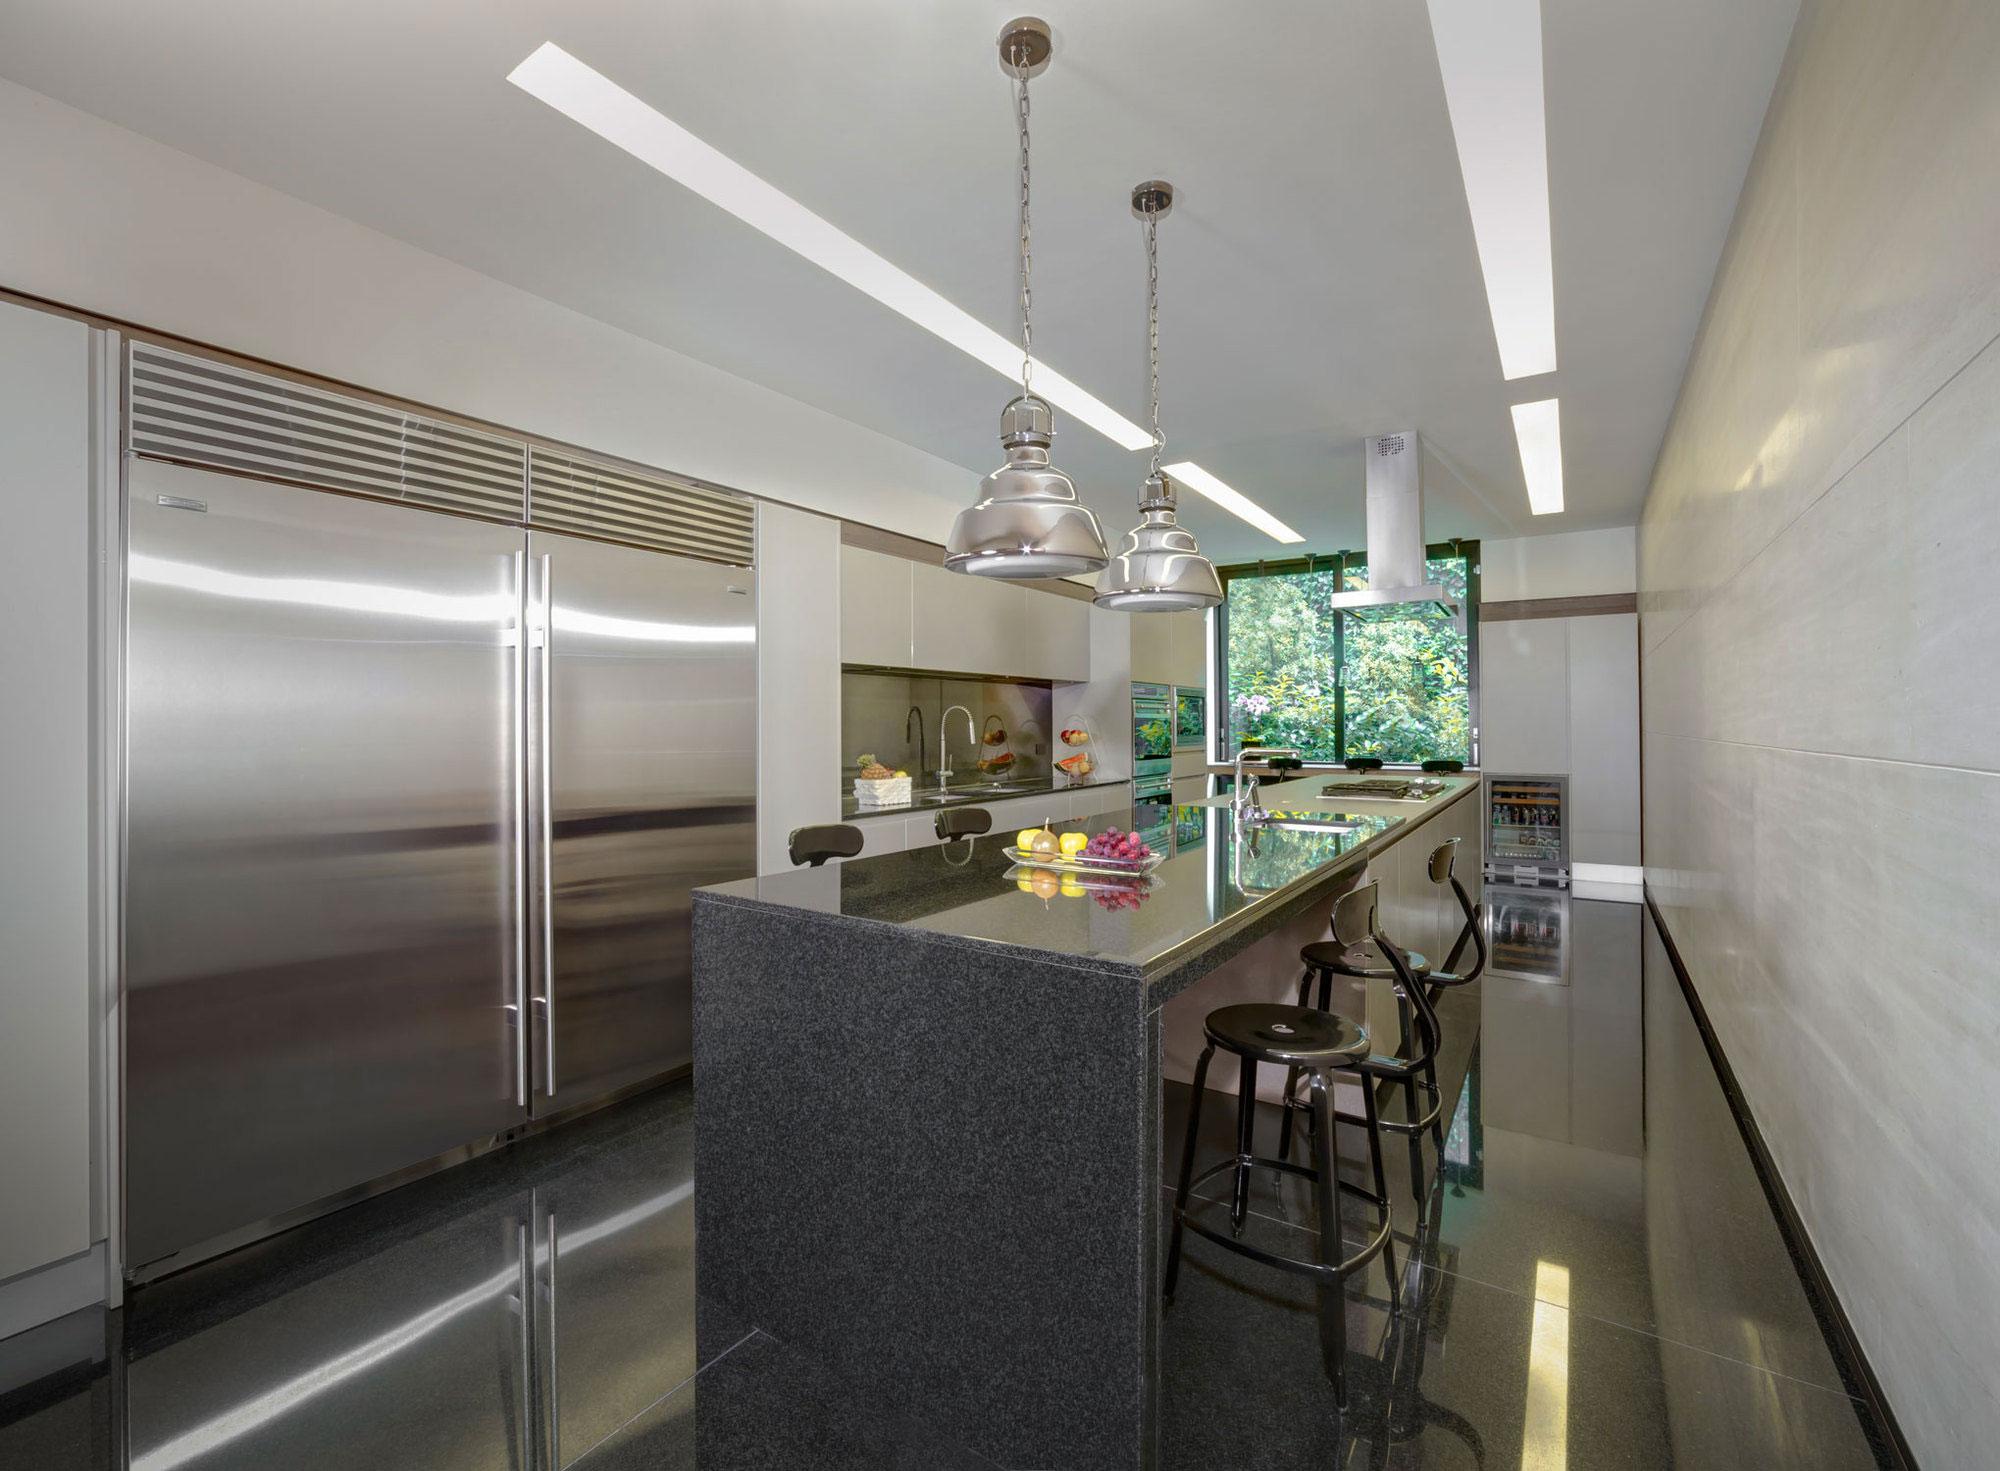 Dalias House grupoarquitectura-14